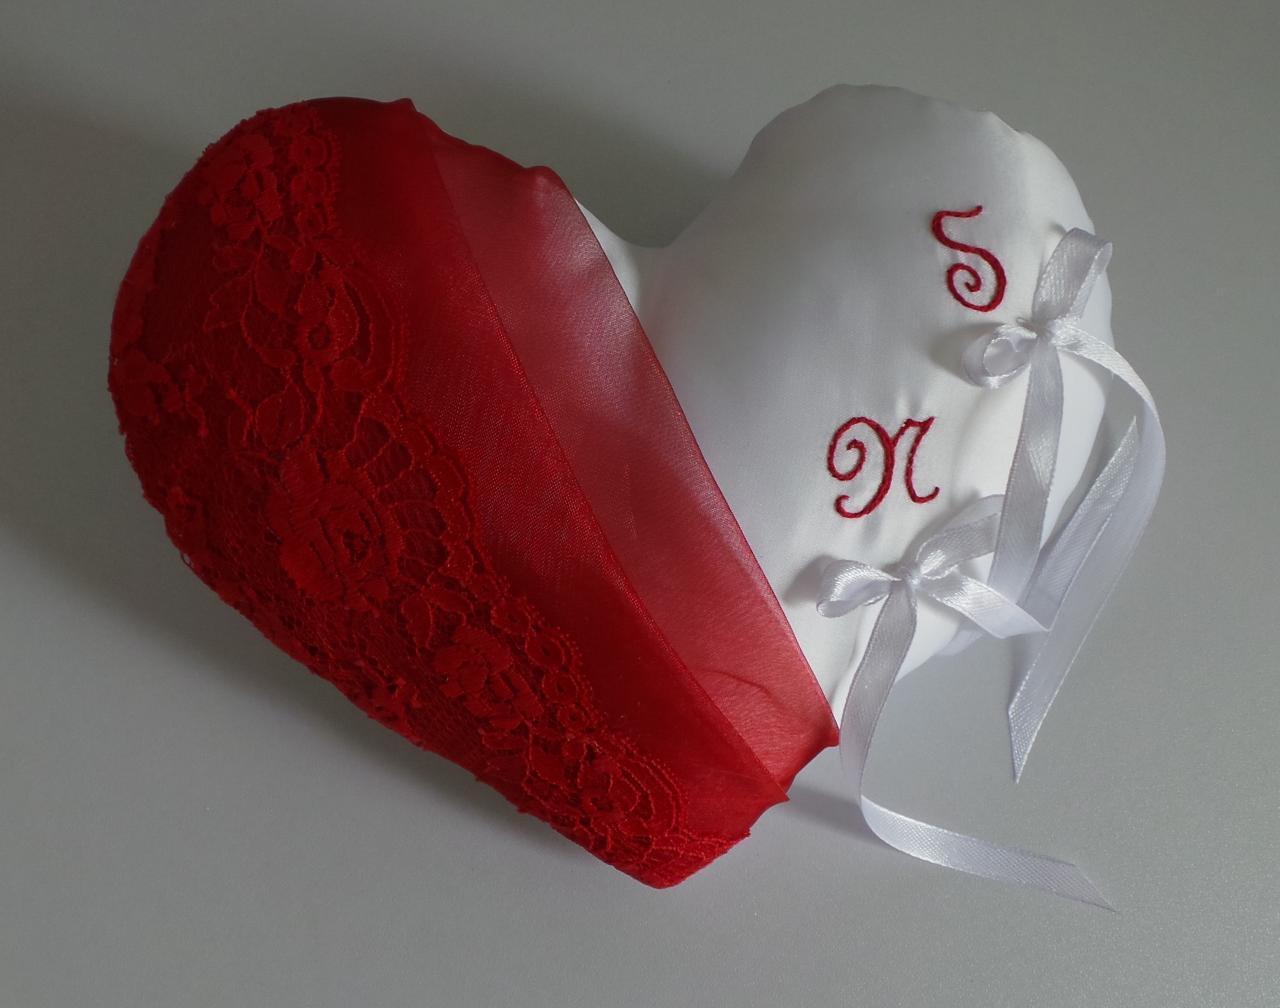 Coussin alliances coeur chic dentelle et organza rouge.